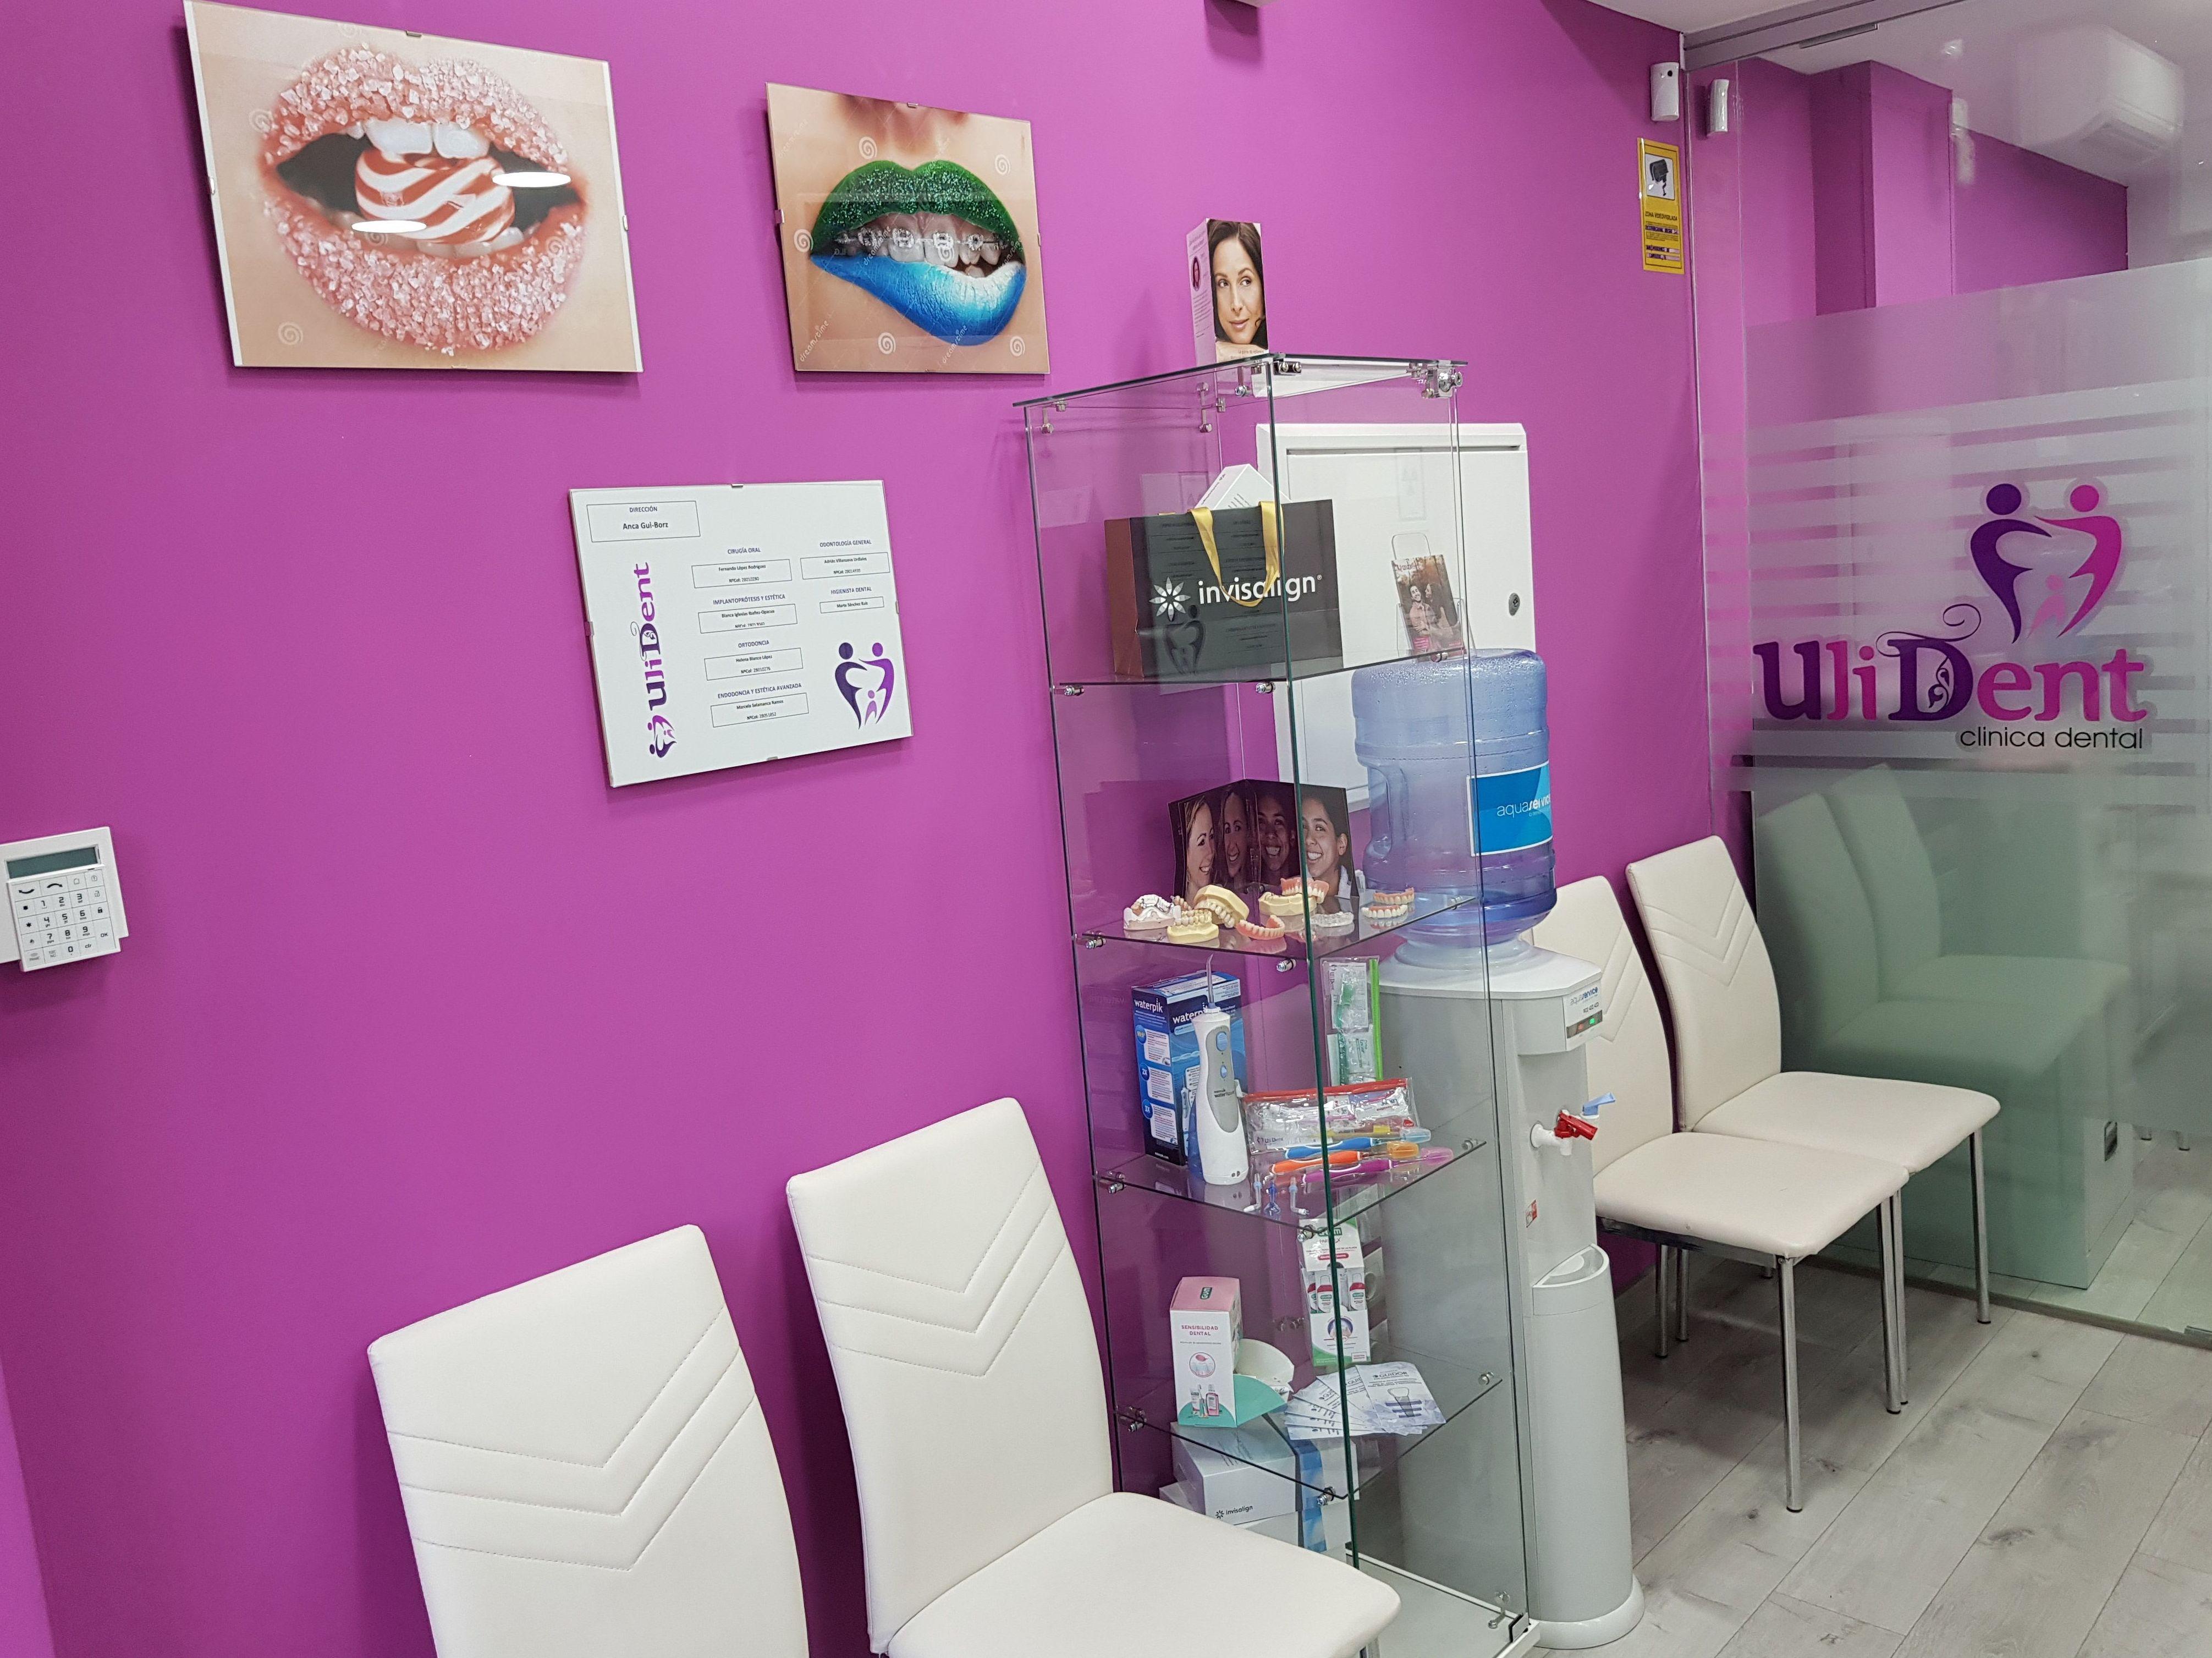 Foto 5 de Especialistas en implantología y ortodoncia en  | Clínica dental ulident